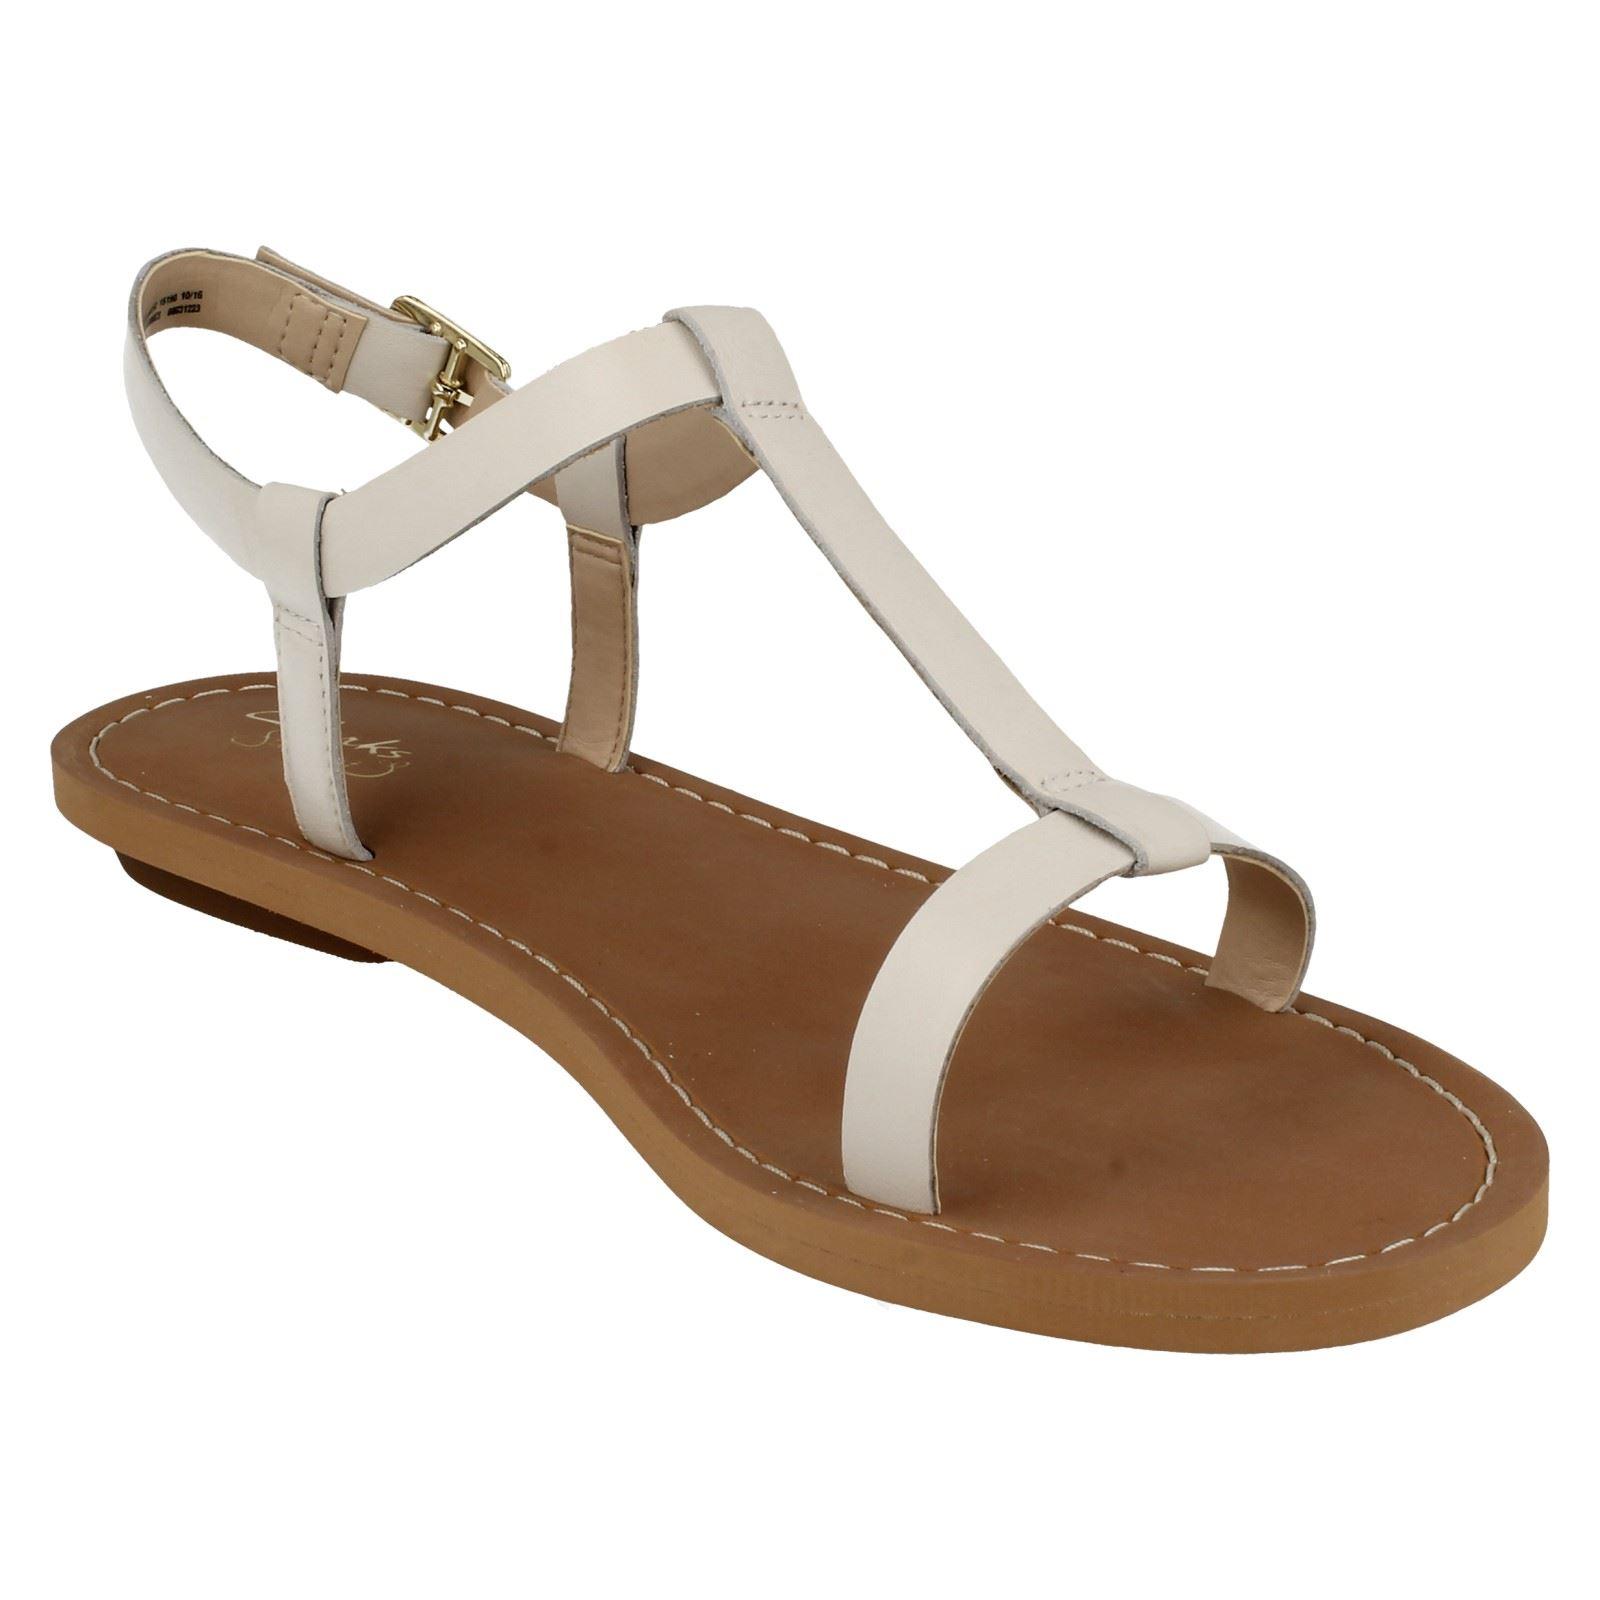 Ladies Clarks Strappy Sandals /'Voyage Hop/'